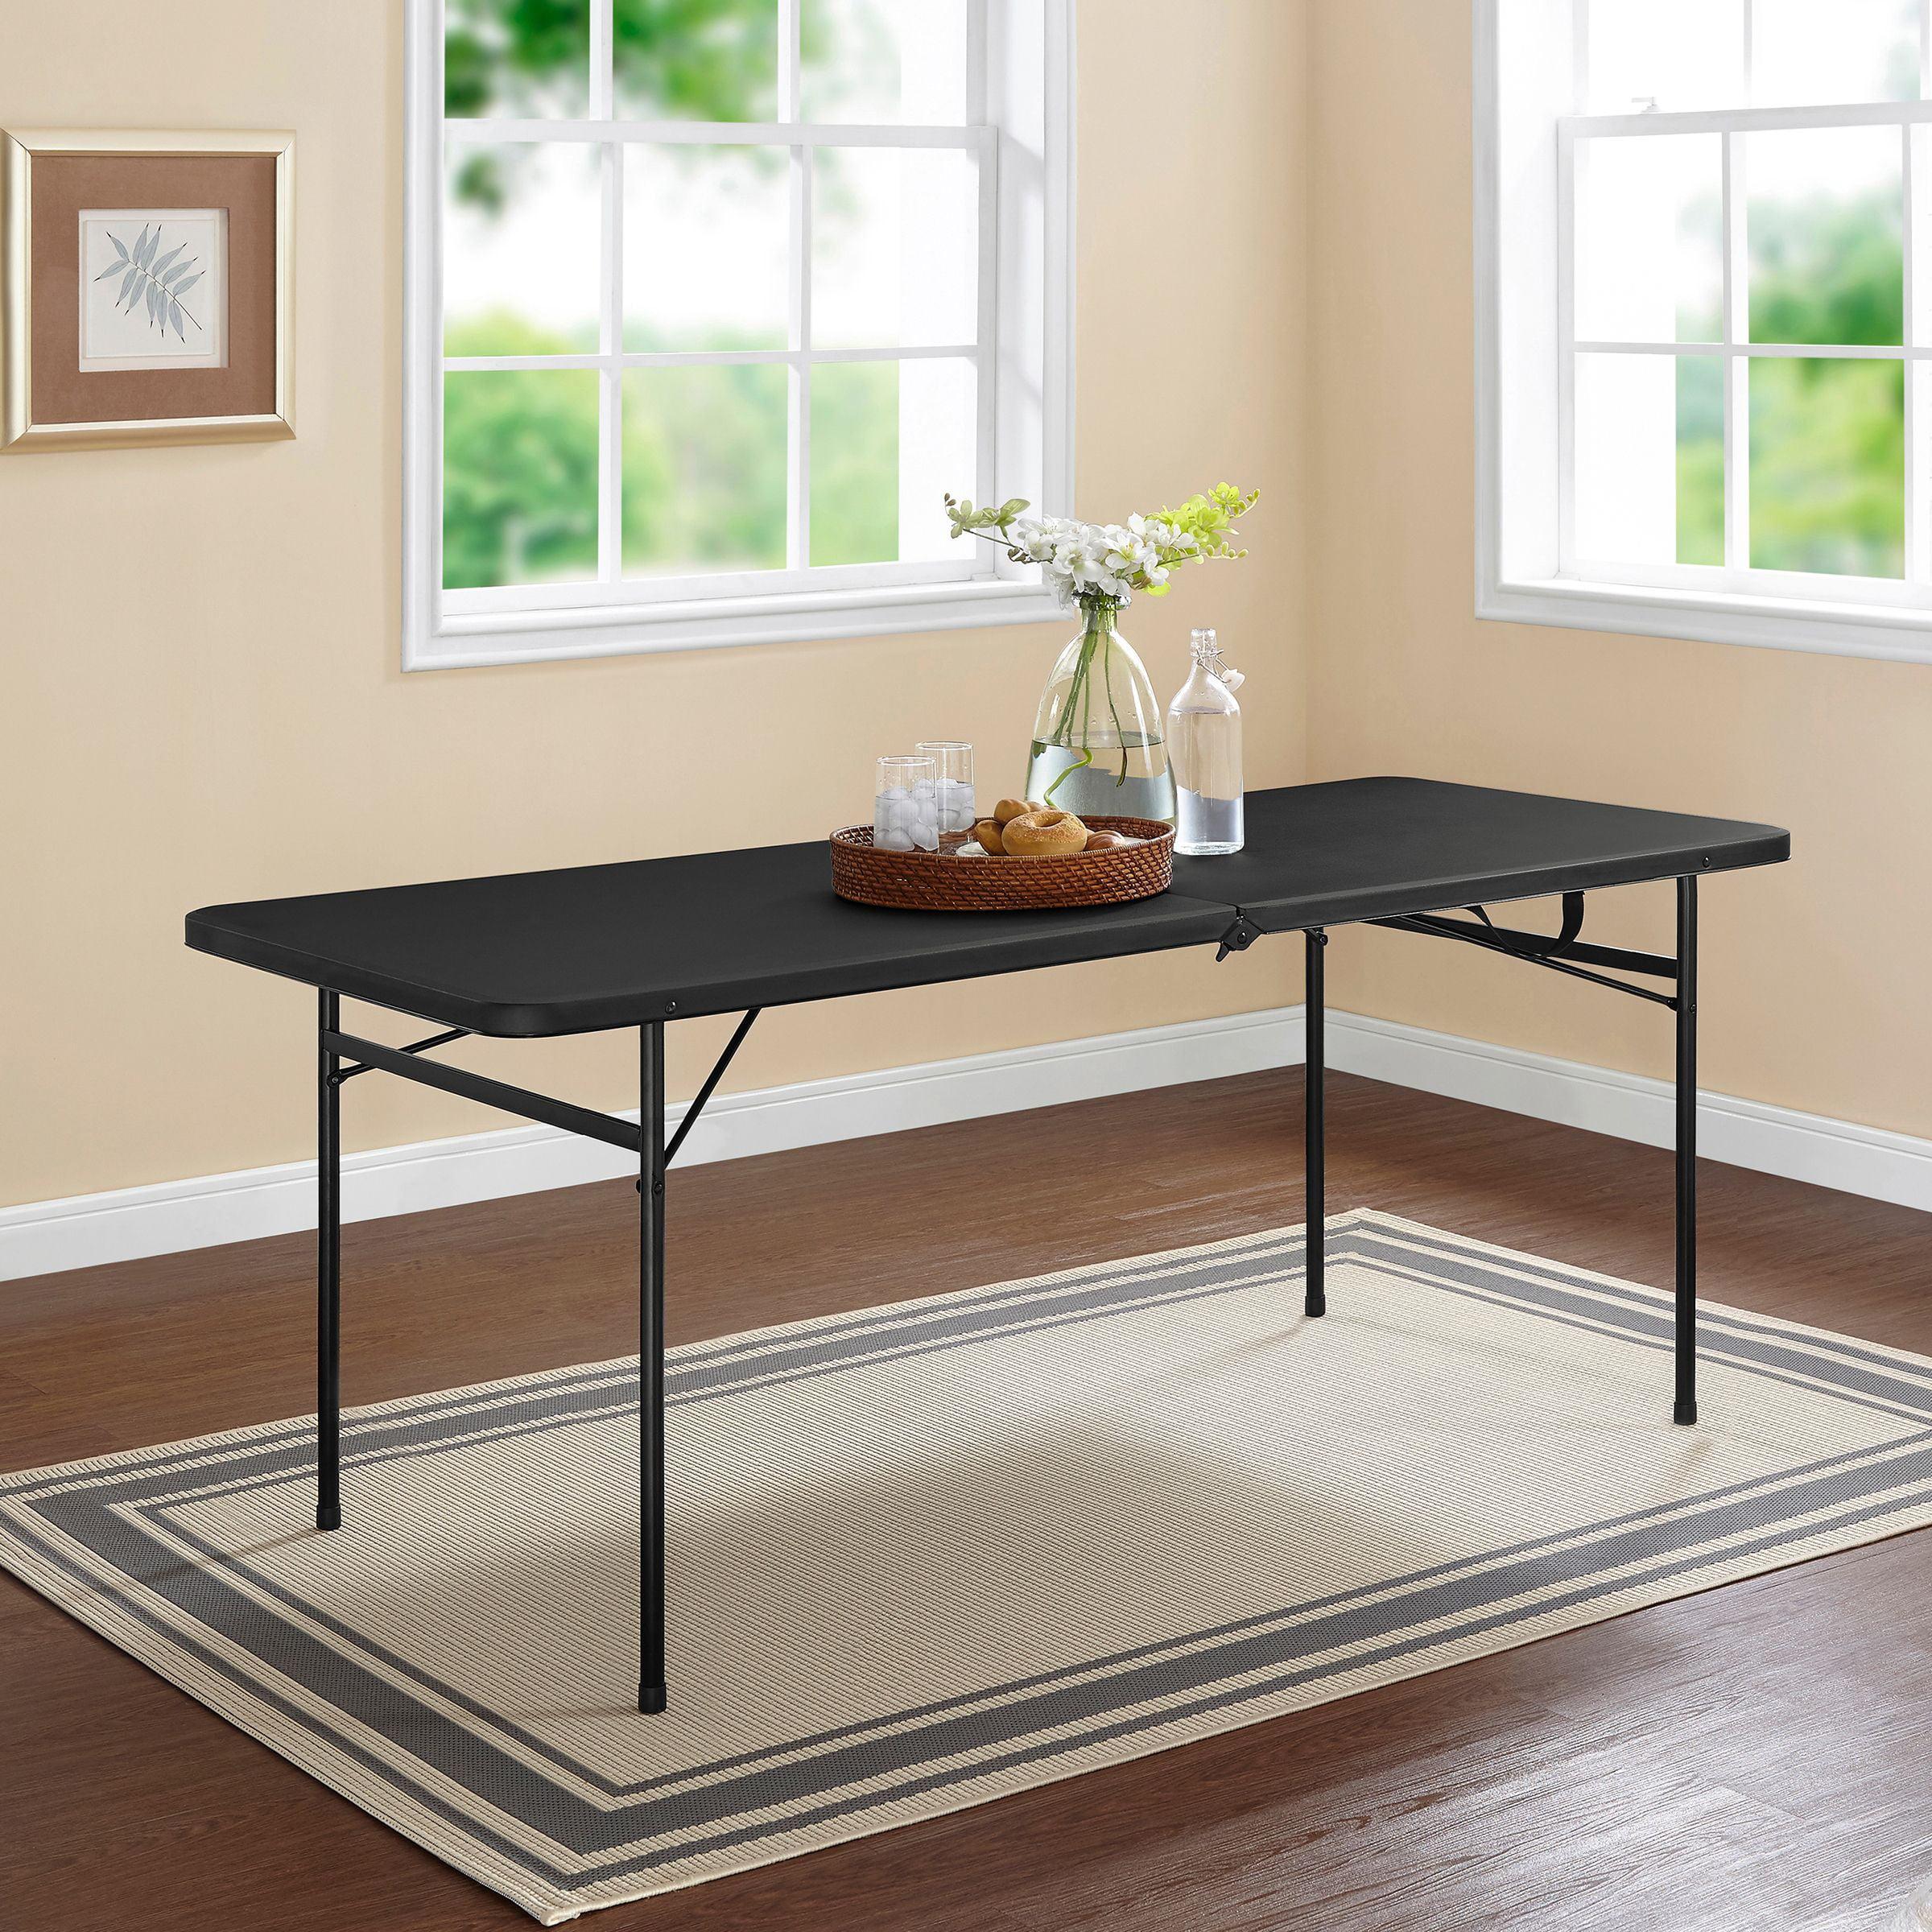 Mainstays 6 Foot Bi Fold Plastic Folding Table Black Walmart Com Walmart Com